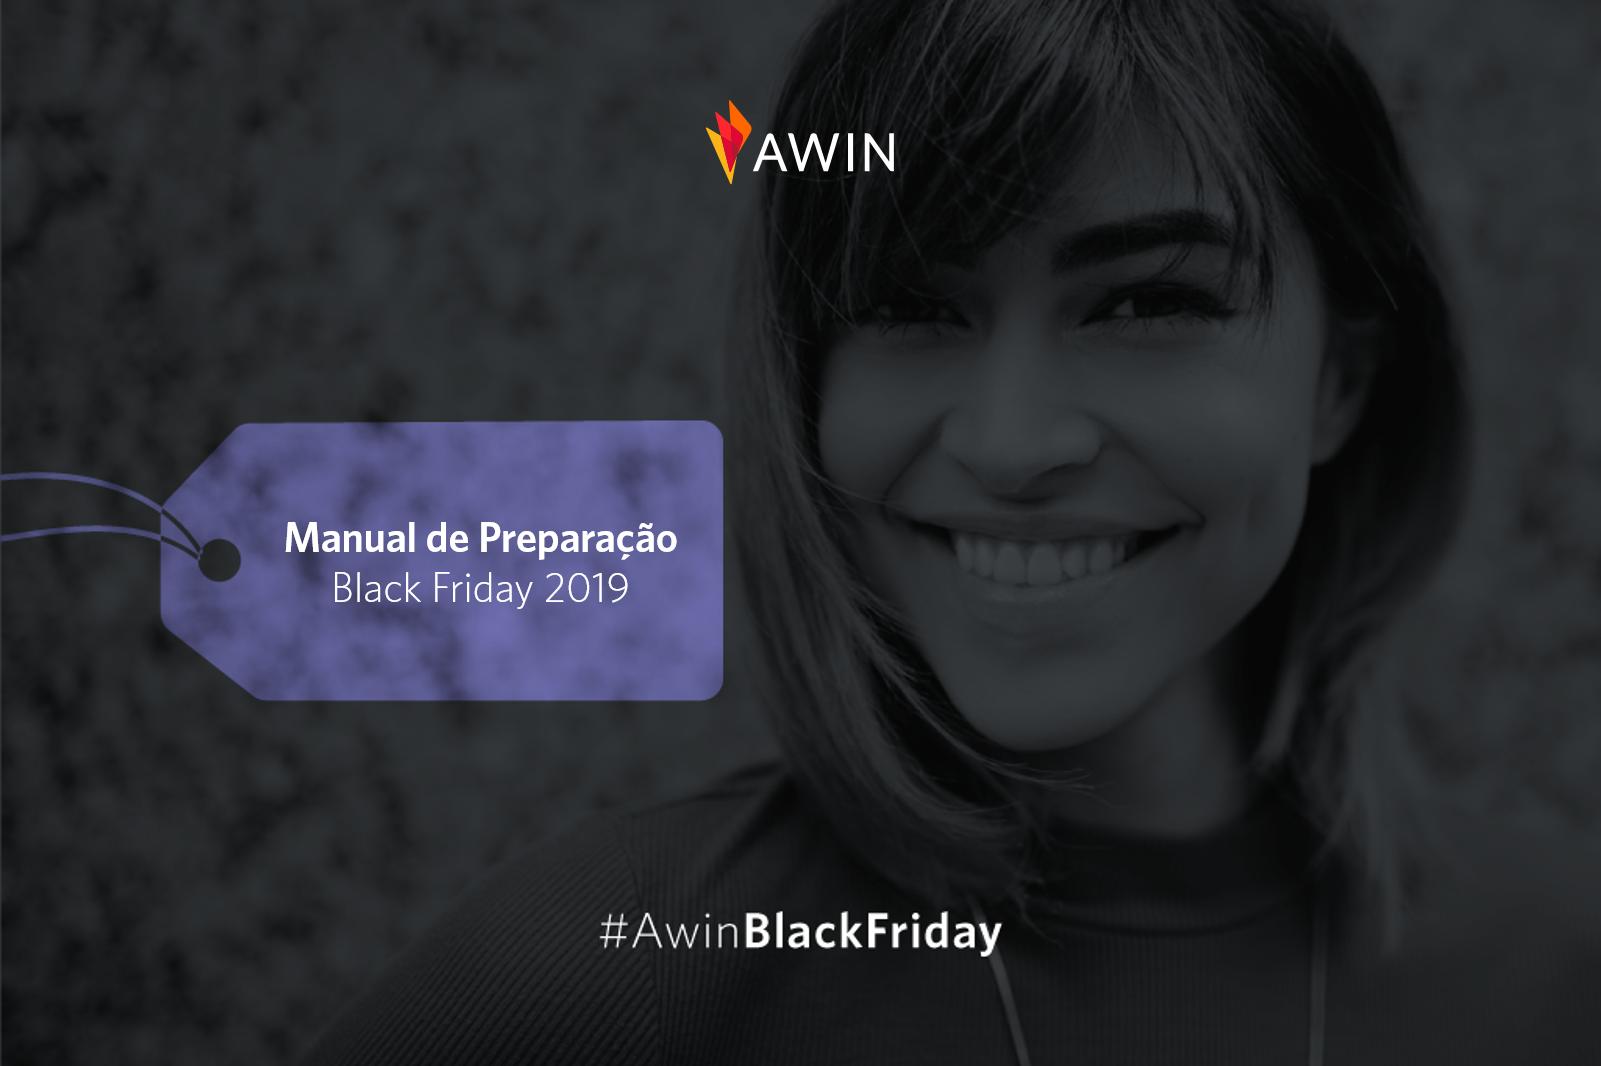 Black Friday 2019: Manual de preparação